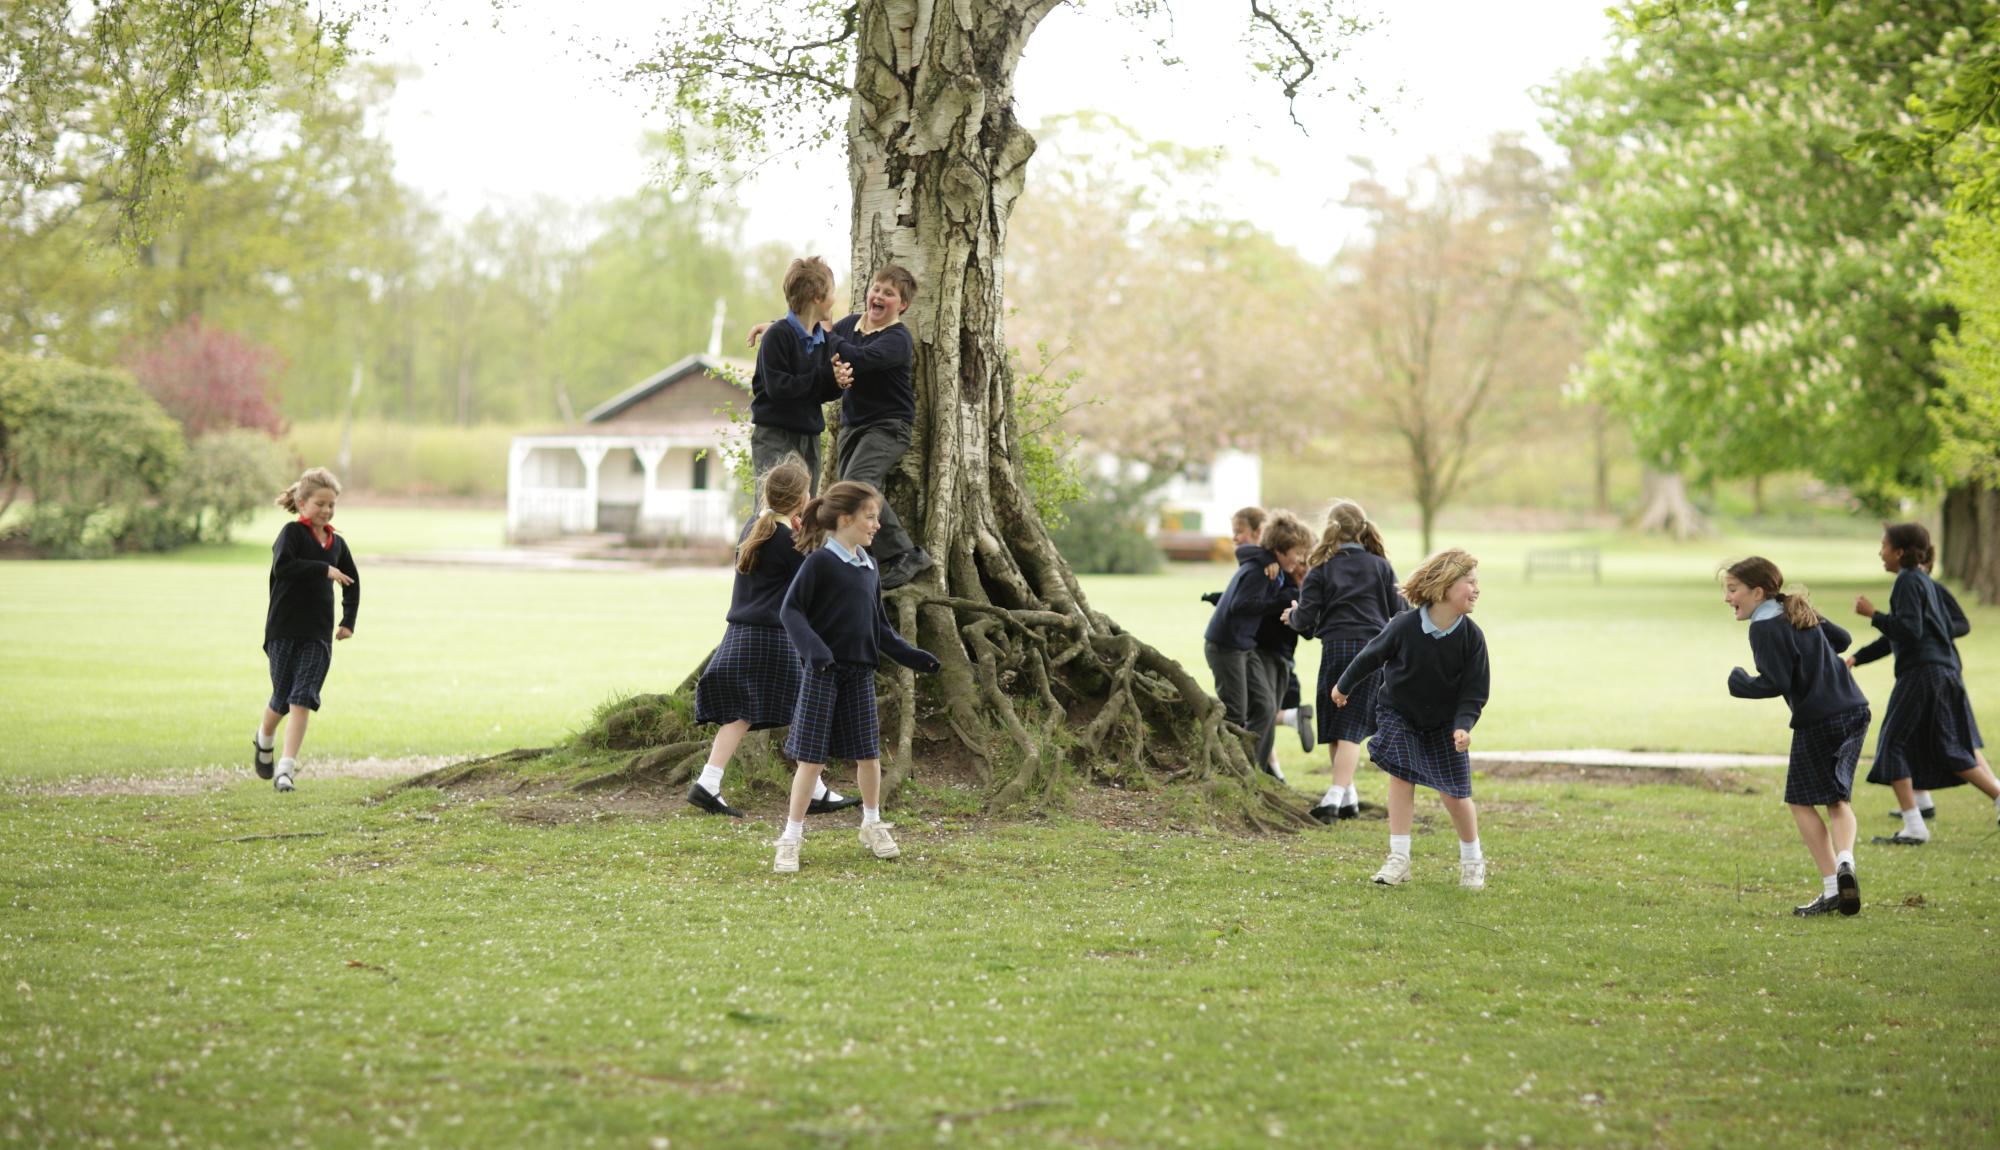 highfield_school_-_grounds_4.jpg